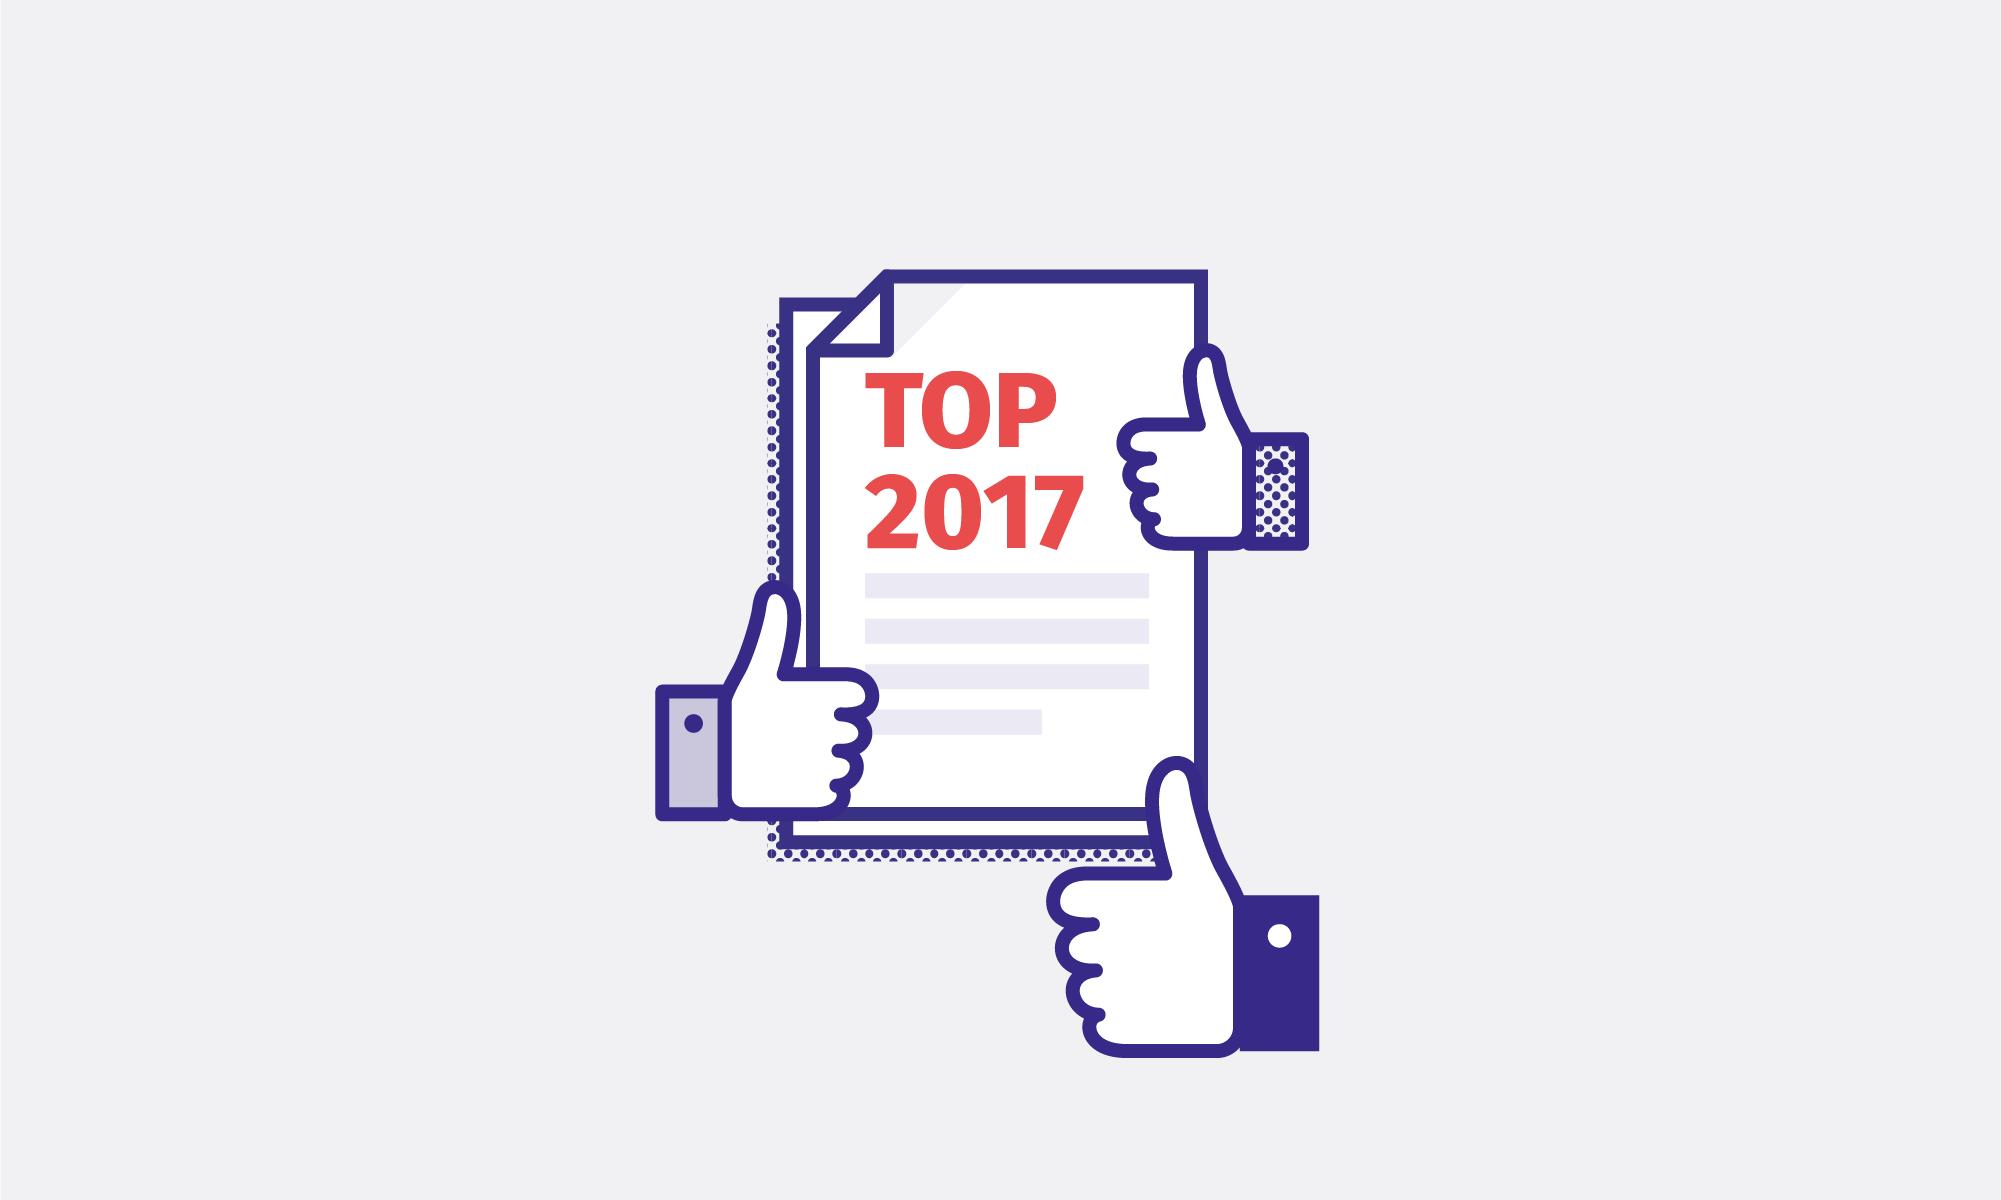 Toppen af bloggen - mest læste posts på Junes blog i 2017